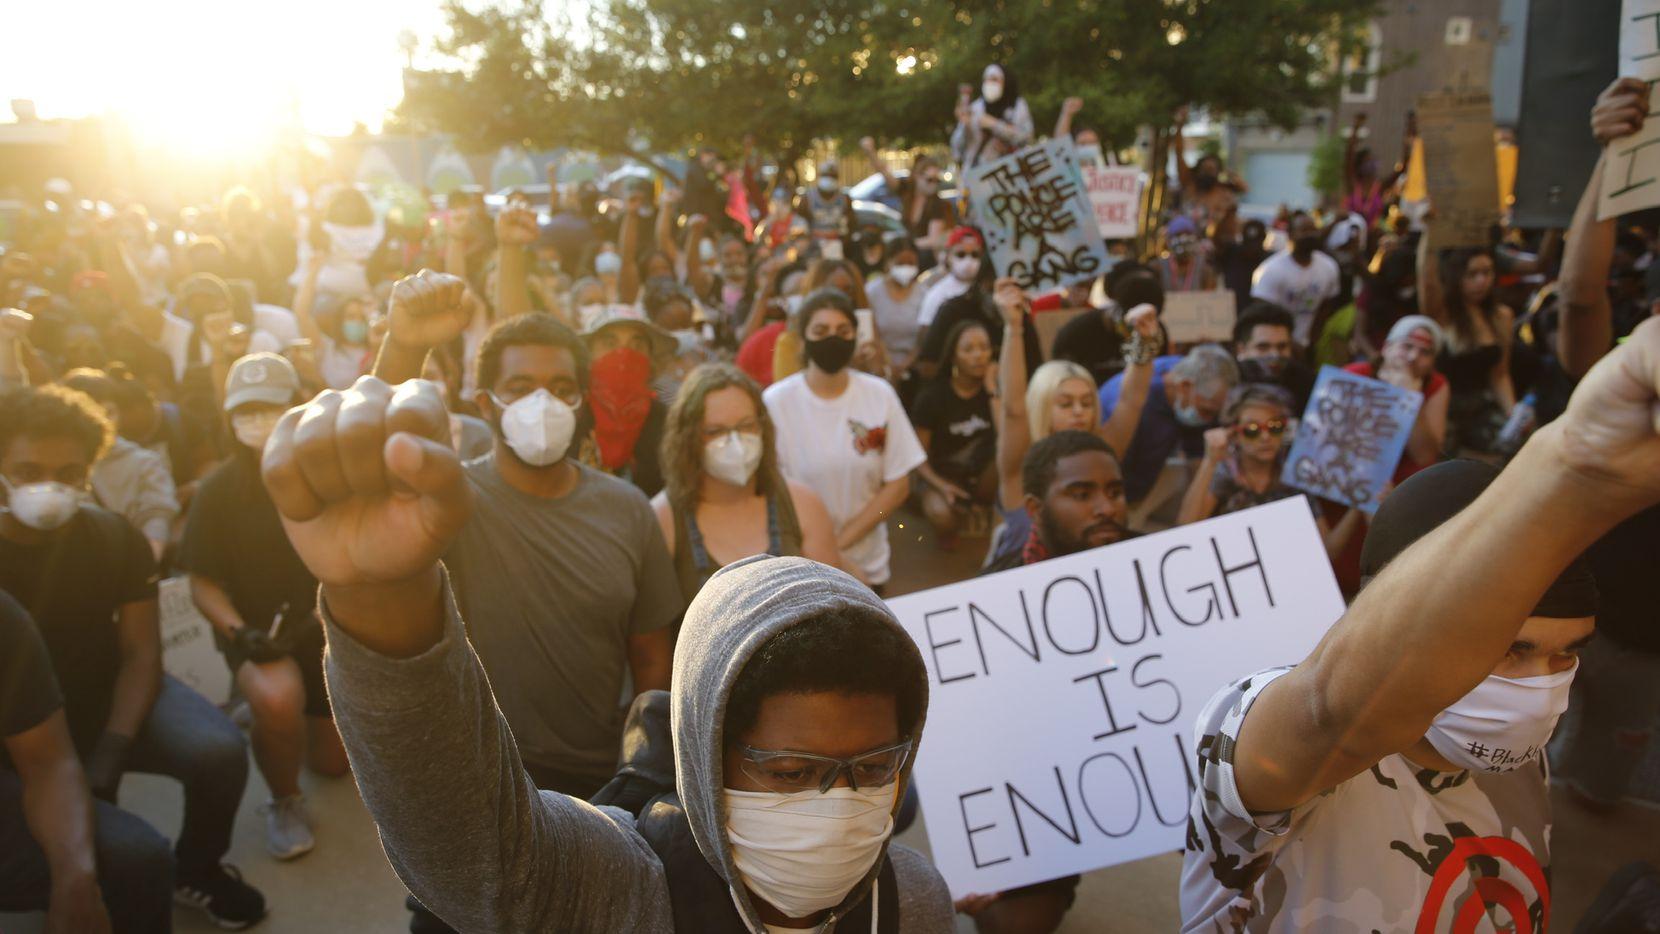 Manifestantes protestaron el viernes 29 de mayo frente al cuartel de la Policía de Dallas por abusos y brutalidad de los cuerpos policiales a las minorías a lo largo del país.